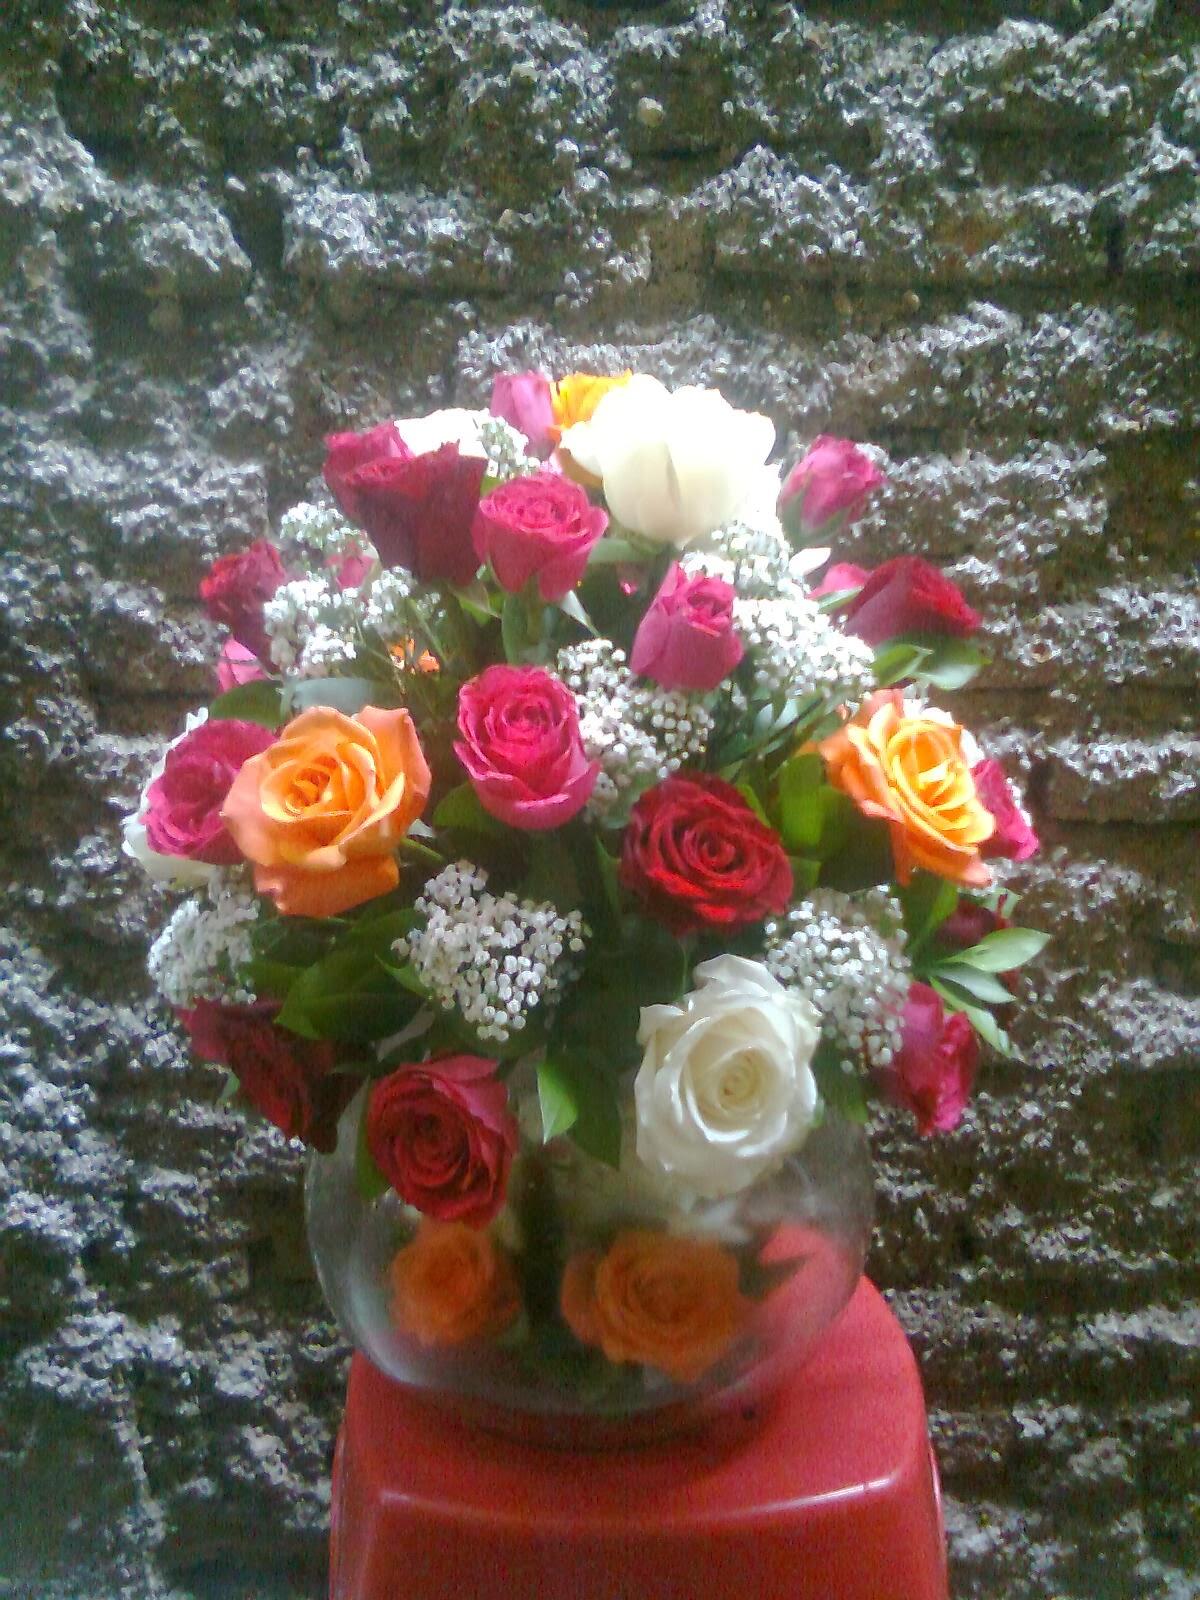 Mawar 010 Mawar 011 Mawar 012 Rp 375 000 Rp 1 200 000 Rp 900 000